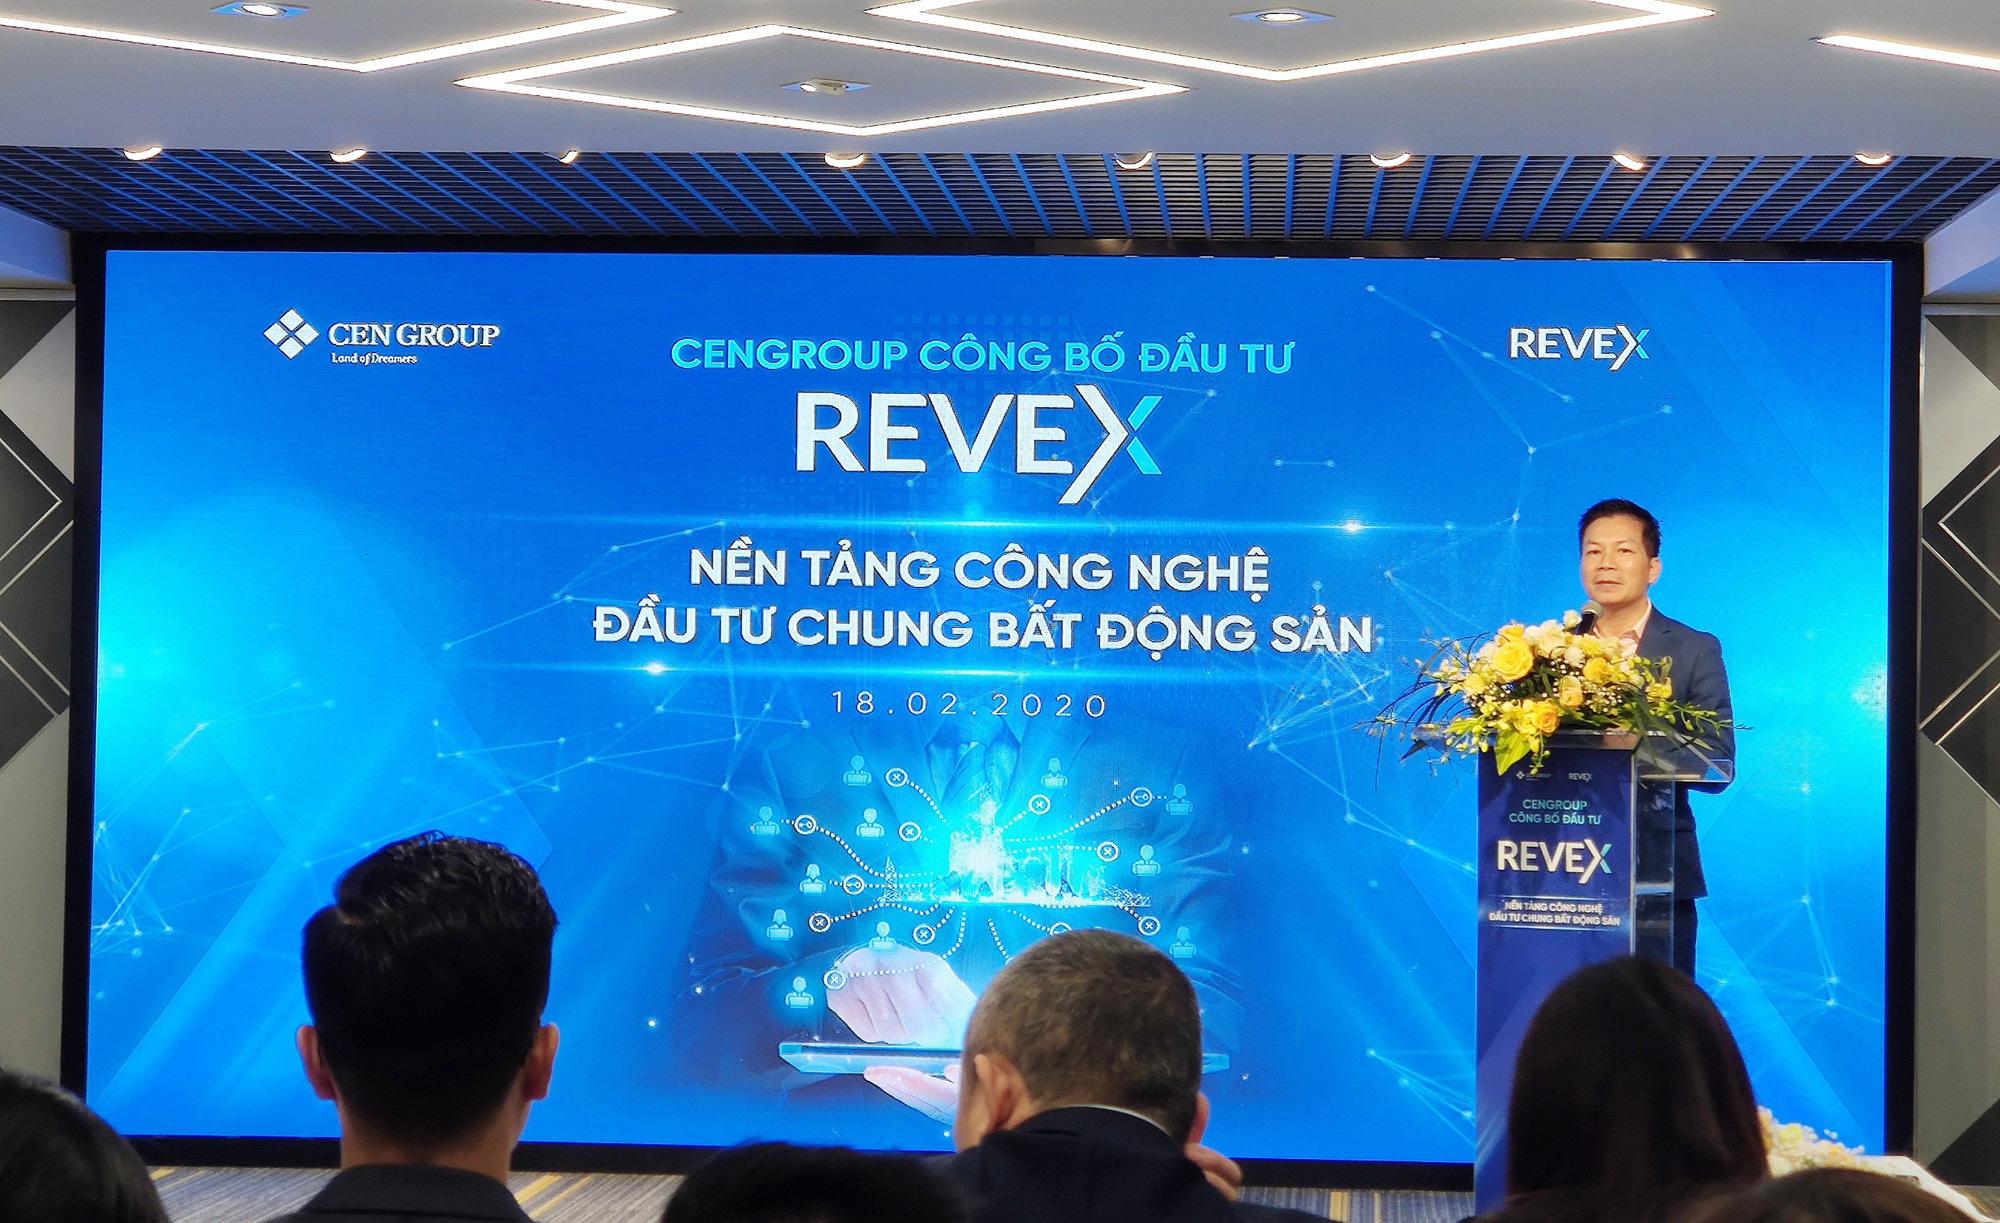 CenGroup rót 1 triệu USD vào nền tảng Revex, tham vọng vượt thị trường chứng khoán trong tương lai - Ảnh 2.